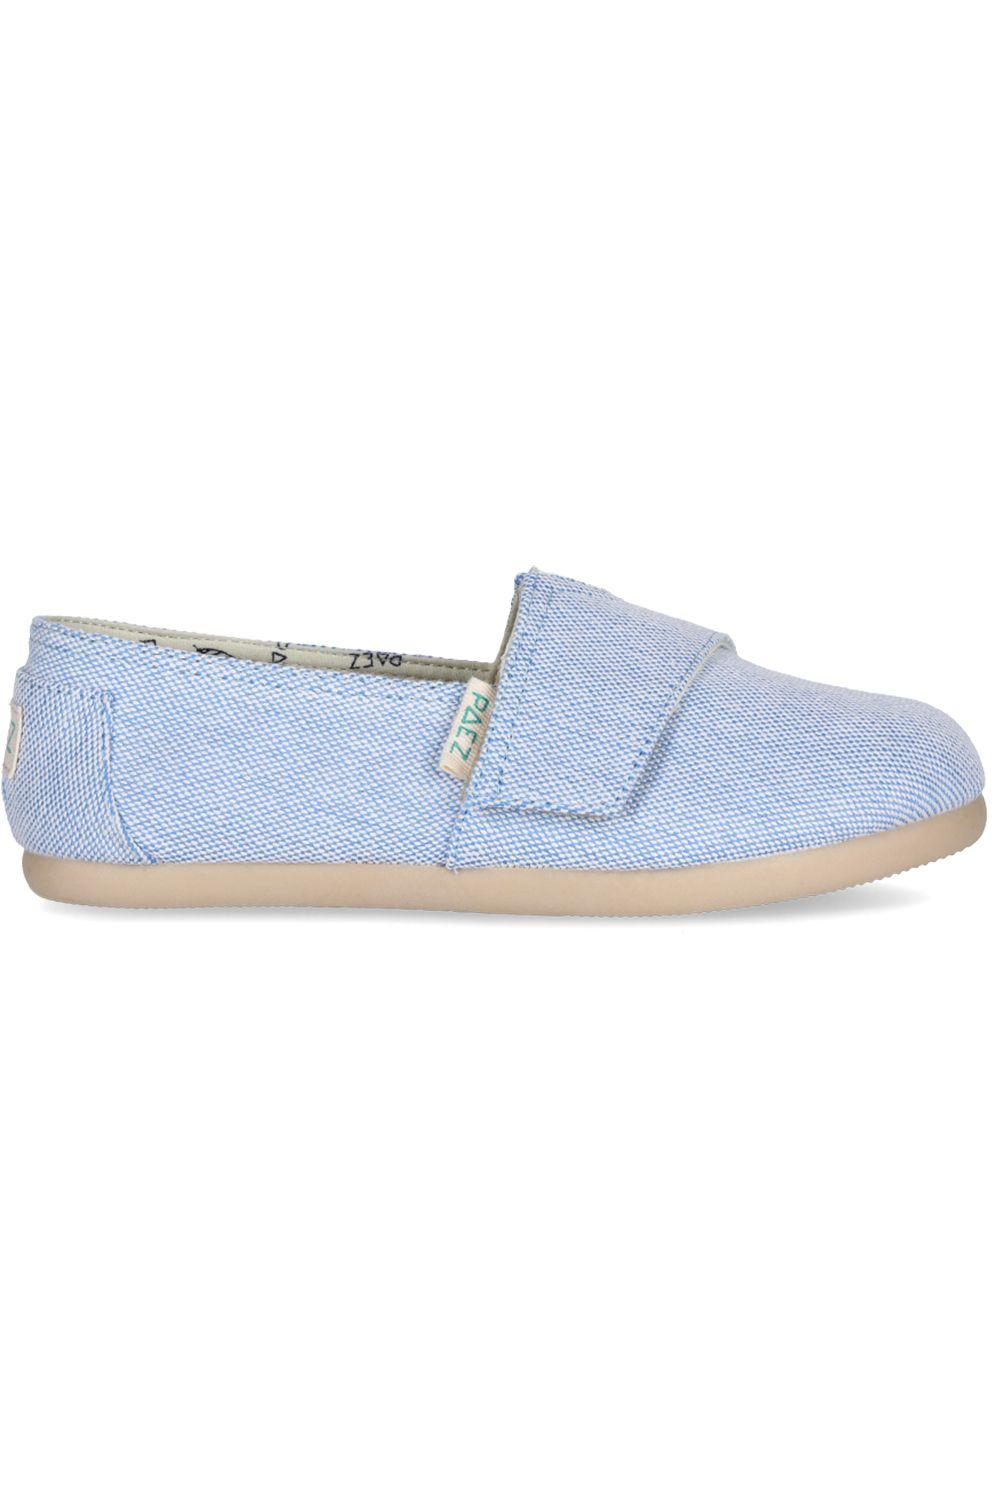 Paez Sandals COMBI Light Blue